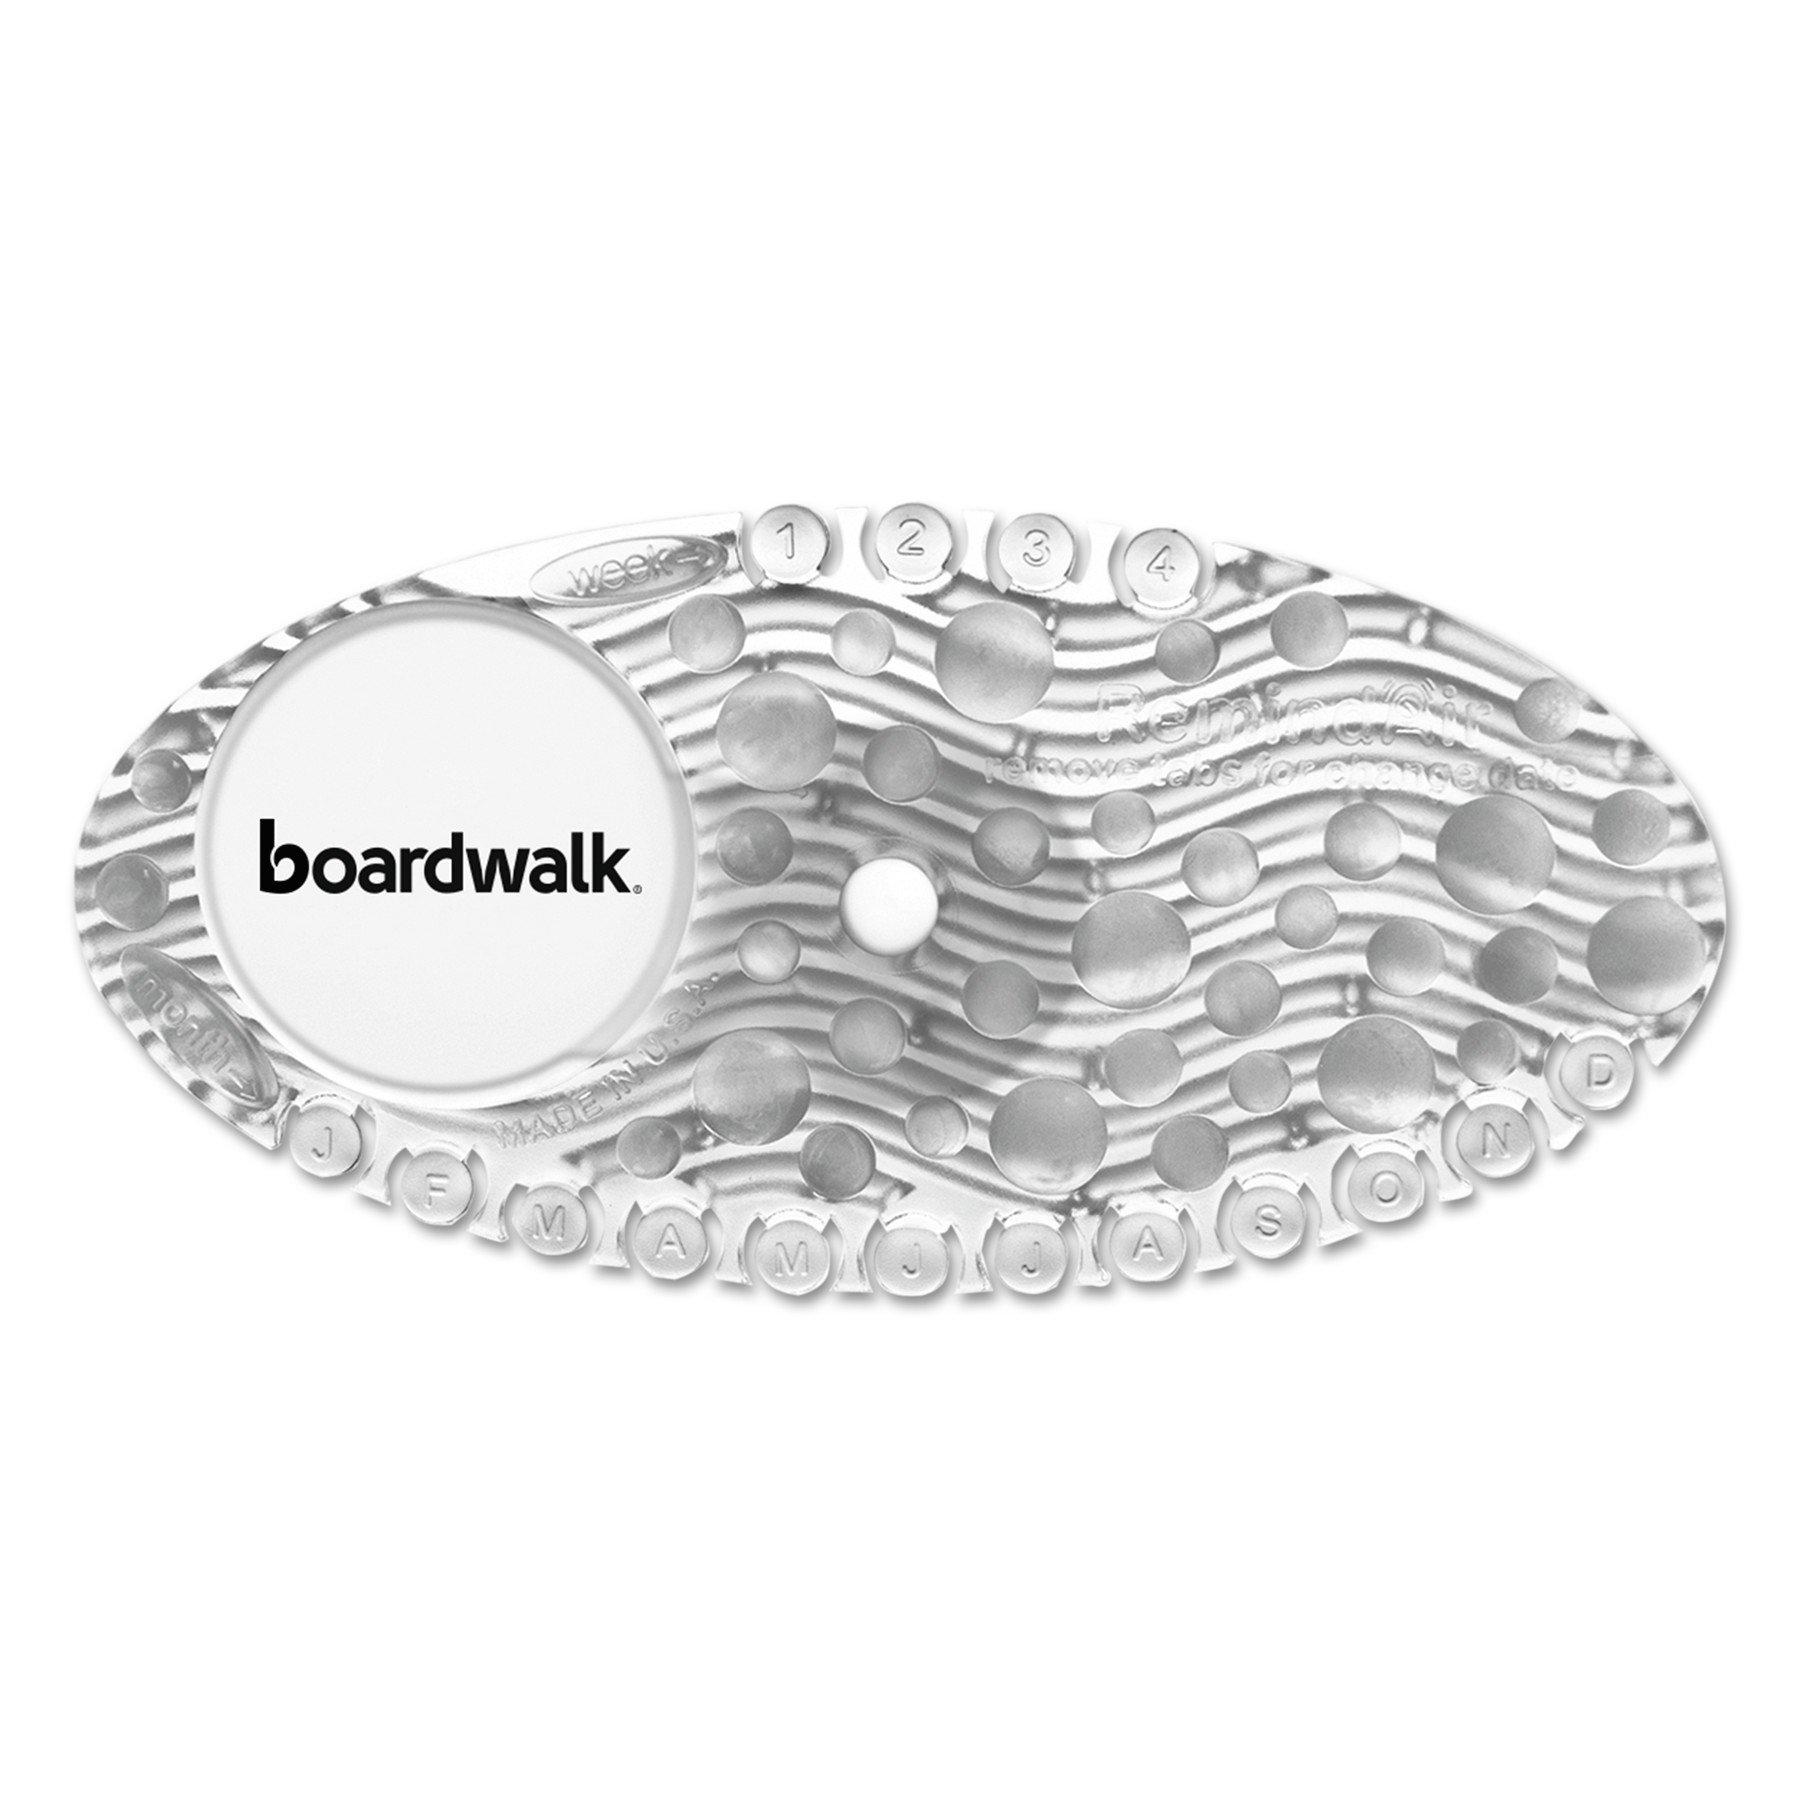 Boardwalk CURVEMAN Curve Air Freshener, Mango, Clear, Box of 10